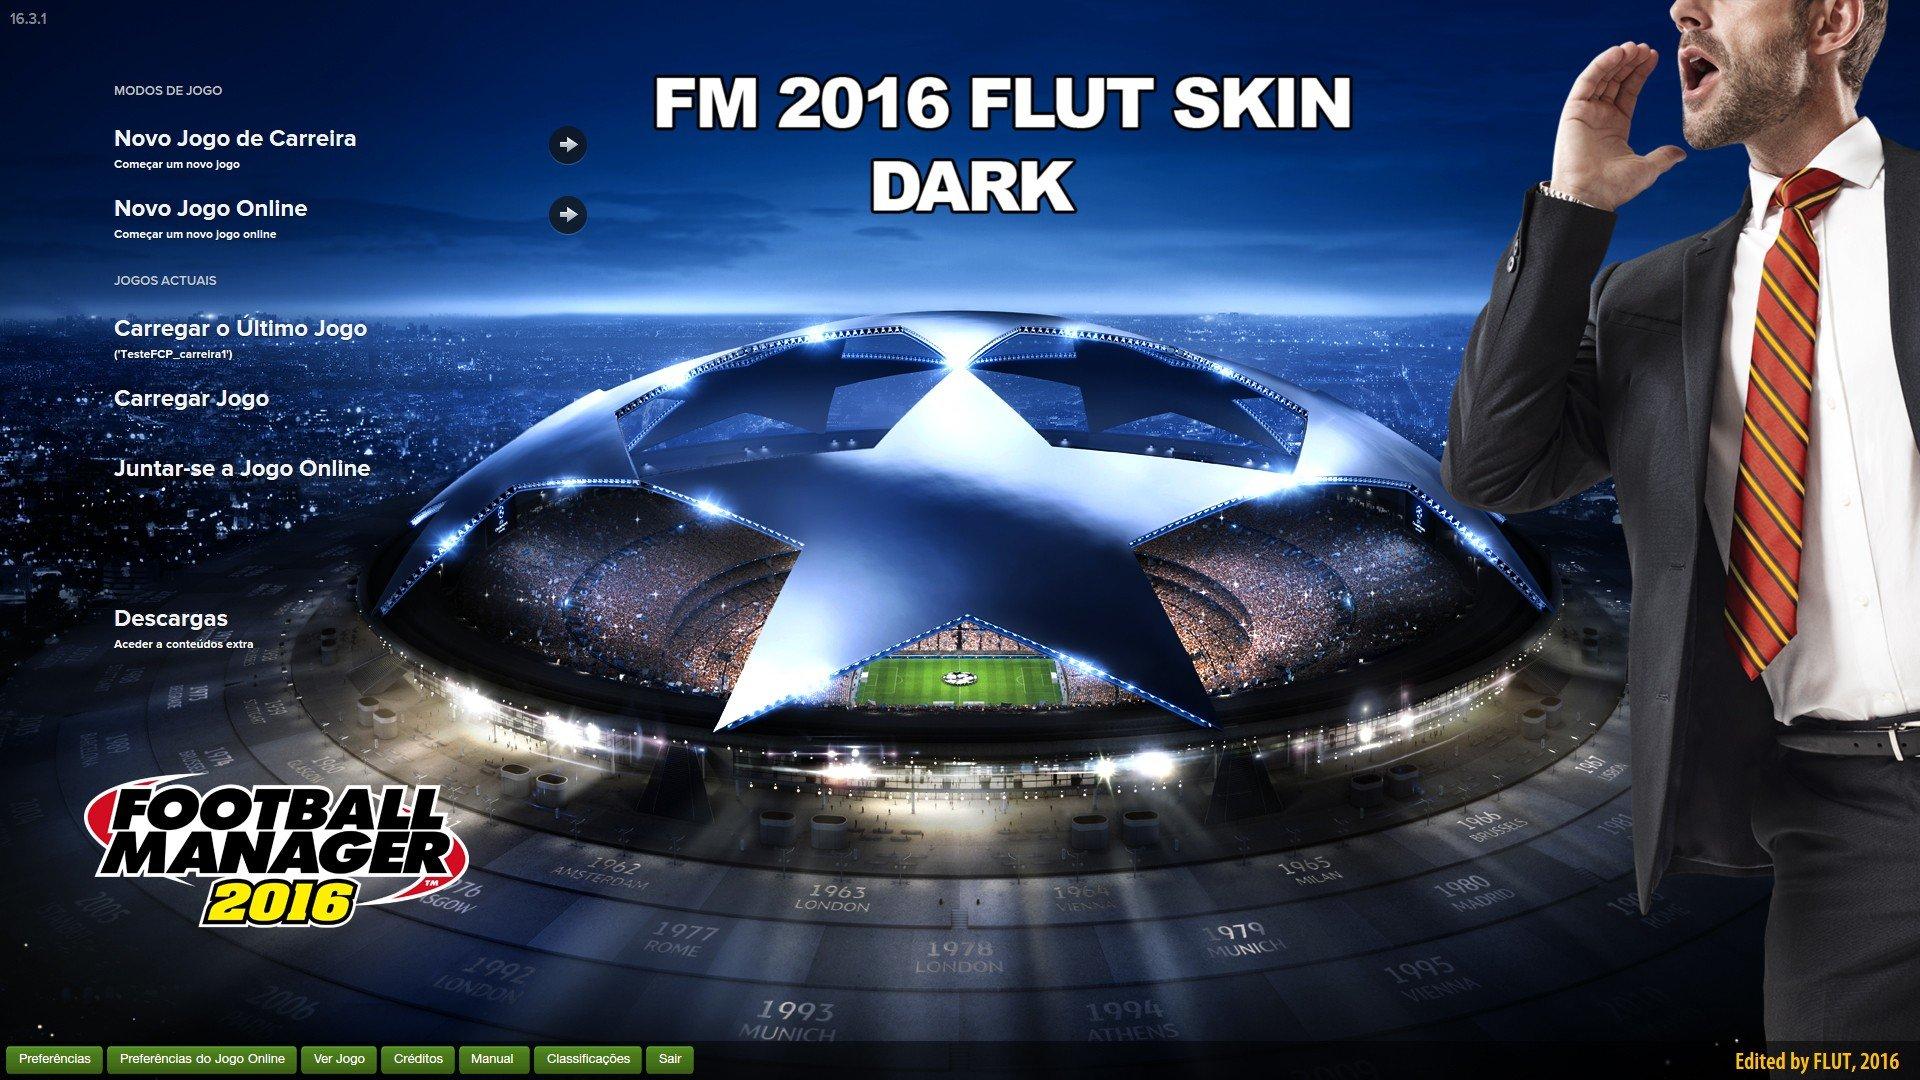 FLUT dark skin v2.1 (FM2016) 3bLZN